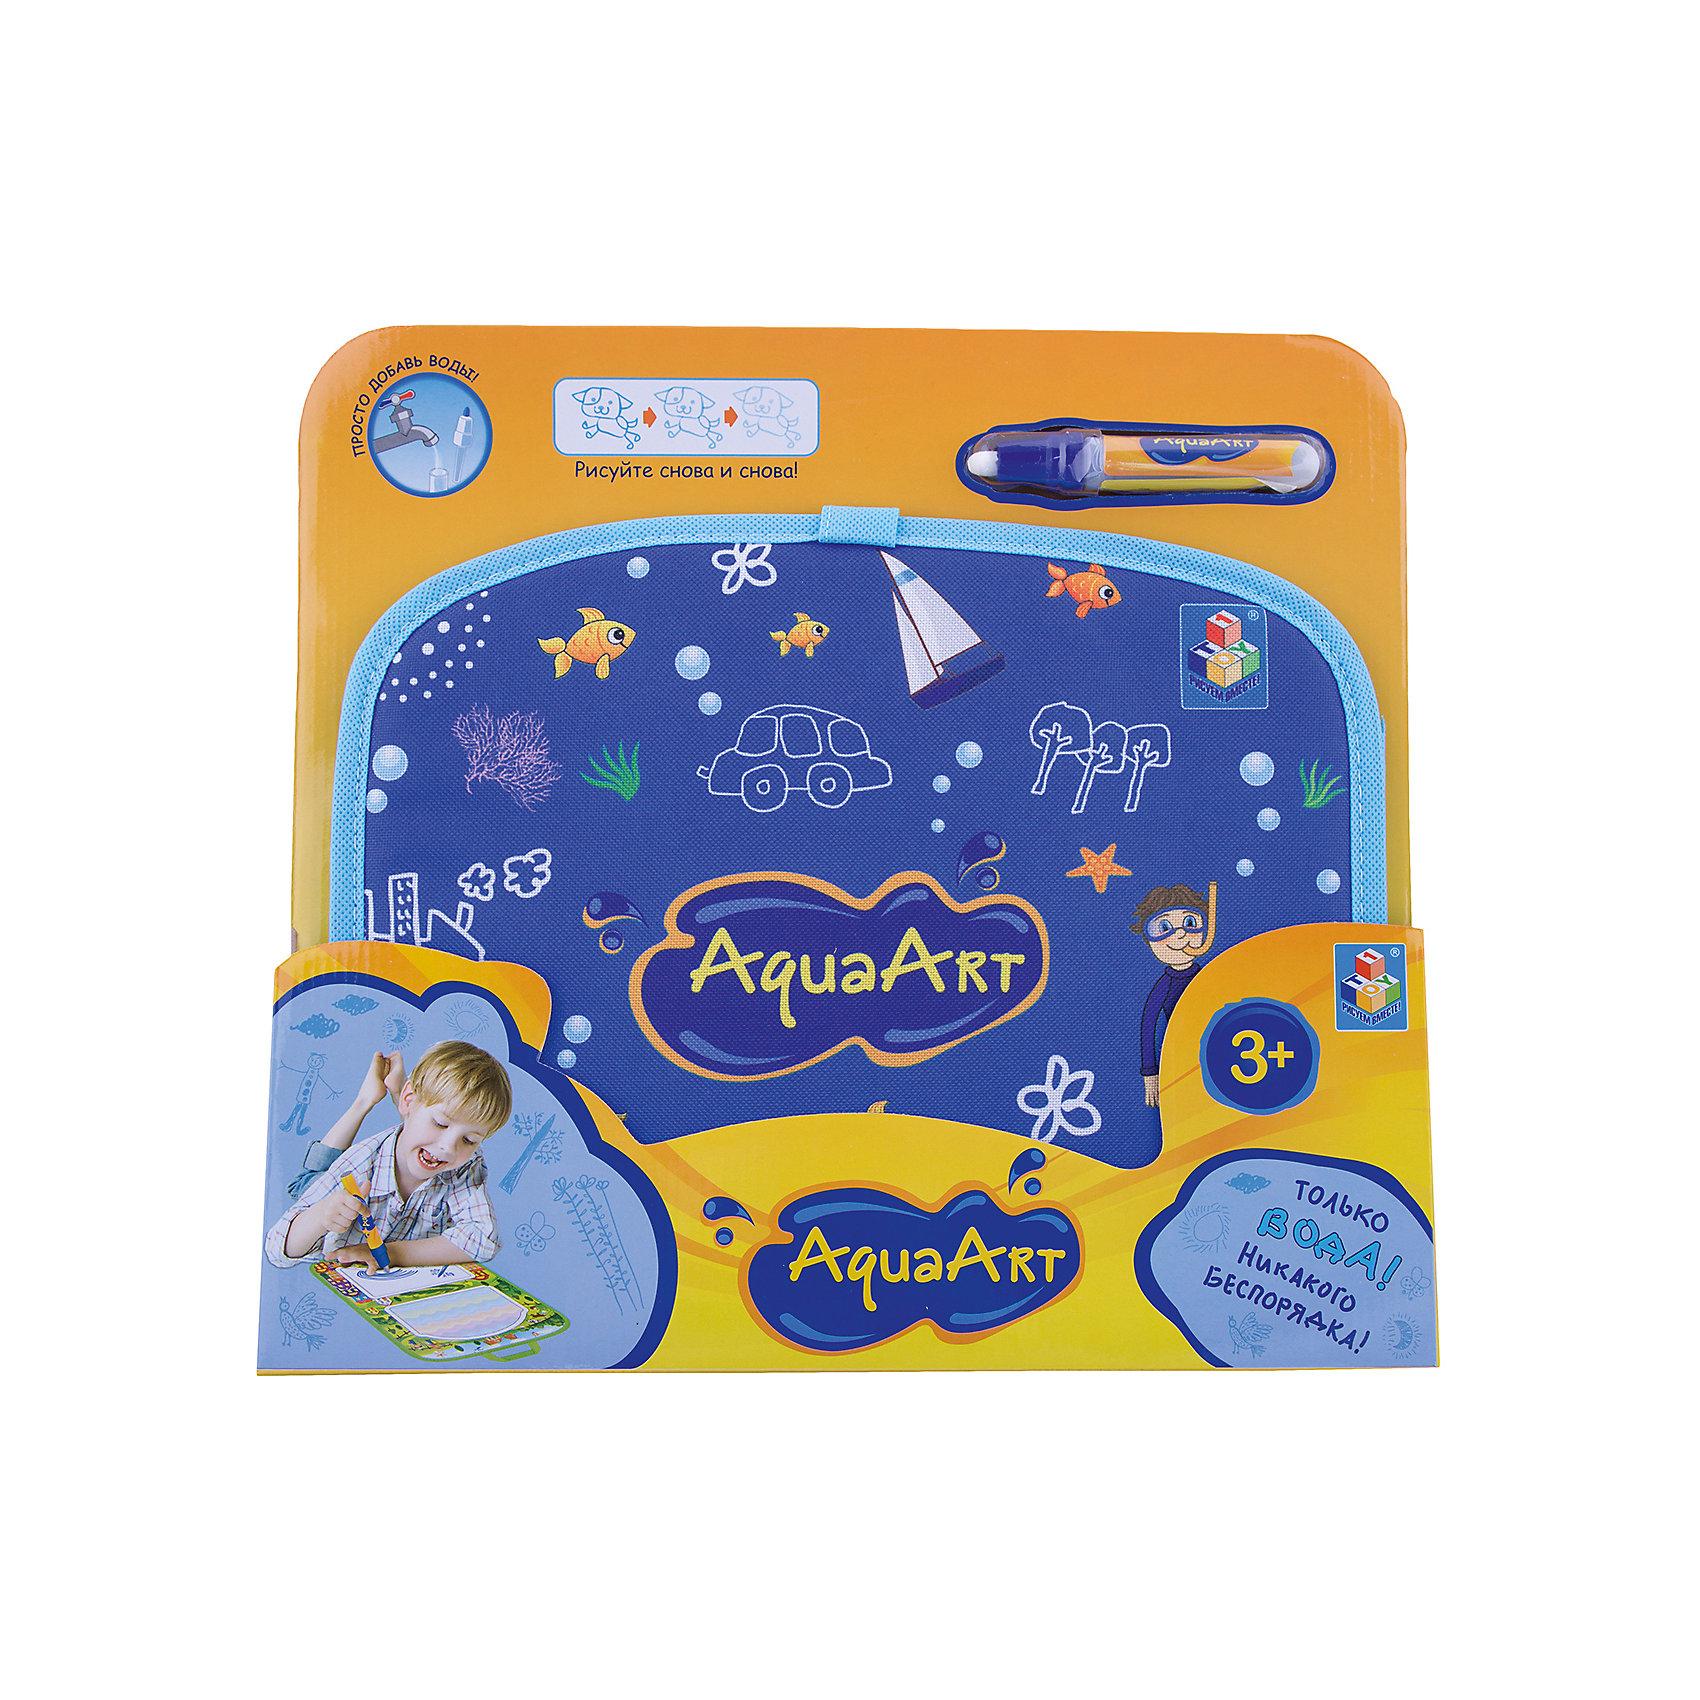 Коврик для рисования, синий, 1toy AquaArtРазвивающие игрушки<br><br><br>Ширина мм: 450<br>Глубина мм: 350<br>Высота мм: 330<br>Вес г: 290<br>Возраст от месяцев: 36<br>Возраст до месяцев: 2147483647<br>Пол: Унисекс<br>Возраст: Детский<br>SKU: 6851267